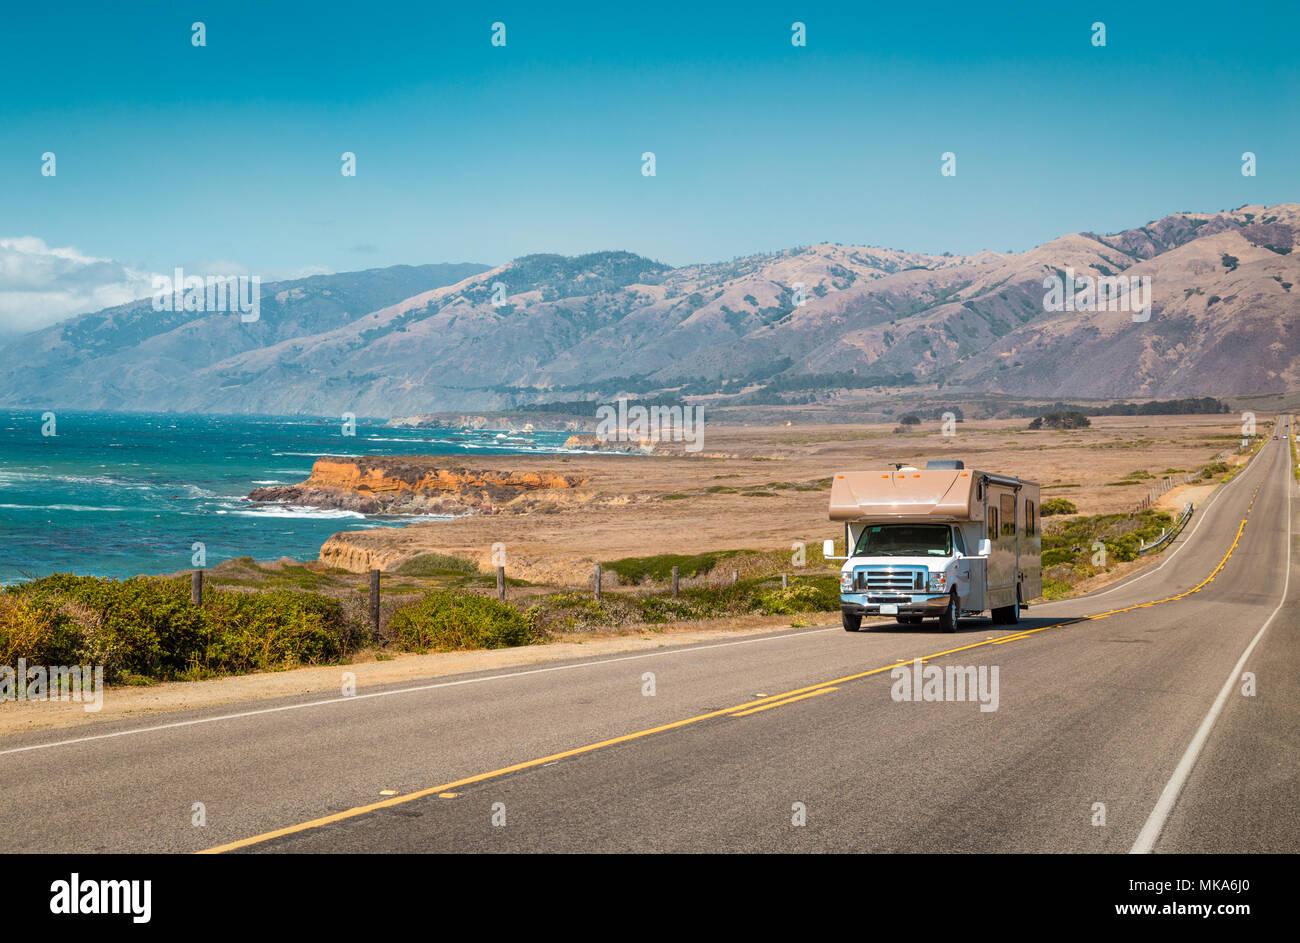 Panorama di veicolo per attività ricreative guida sulla celebre Strada 1 lungo la bellissima costa centrale della California, Big Sur, STATI UNITI D'AMERICA Immagini Stock